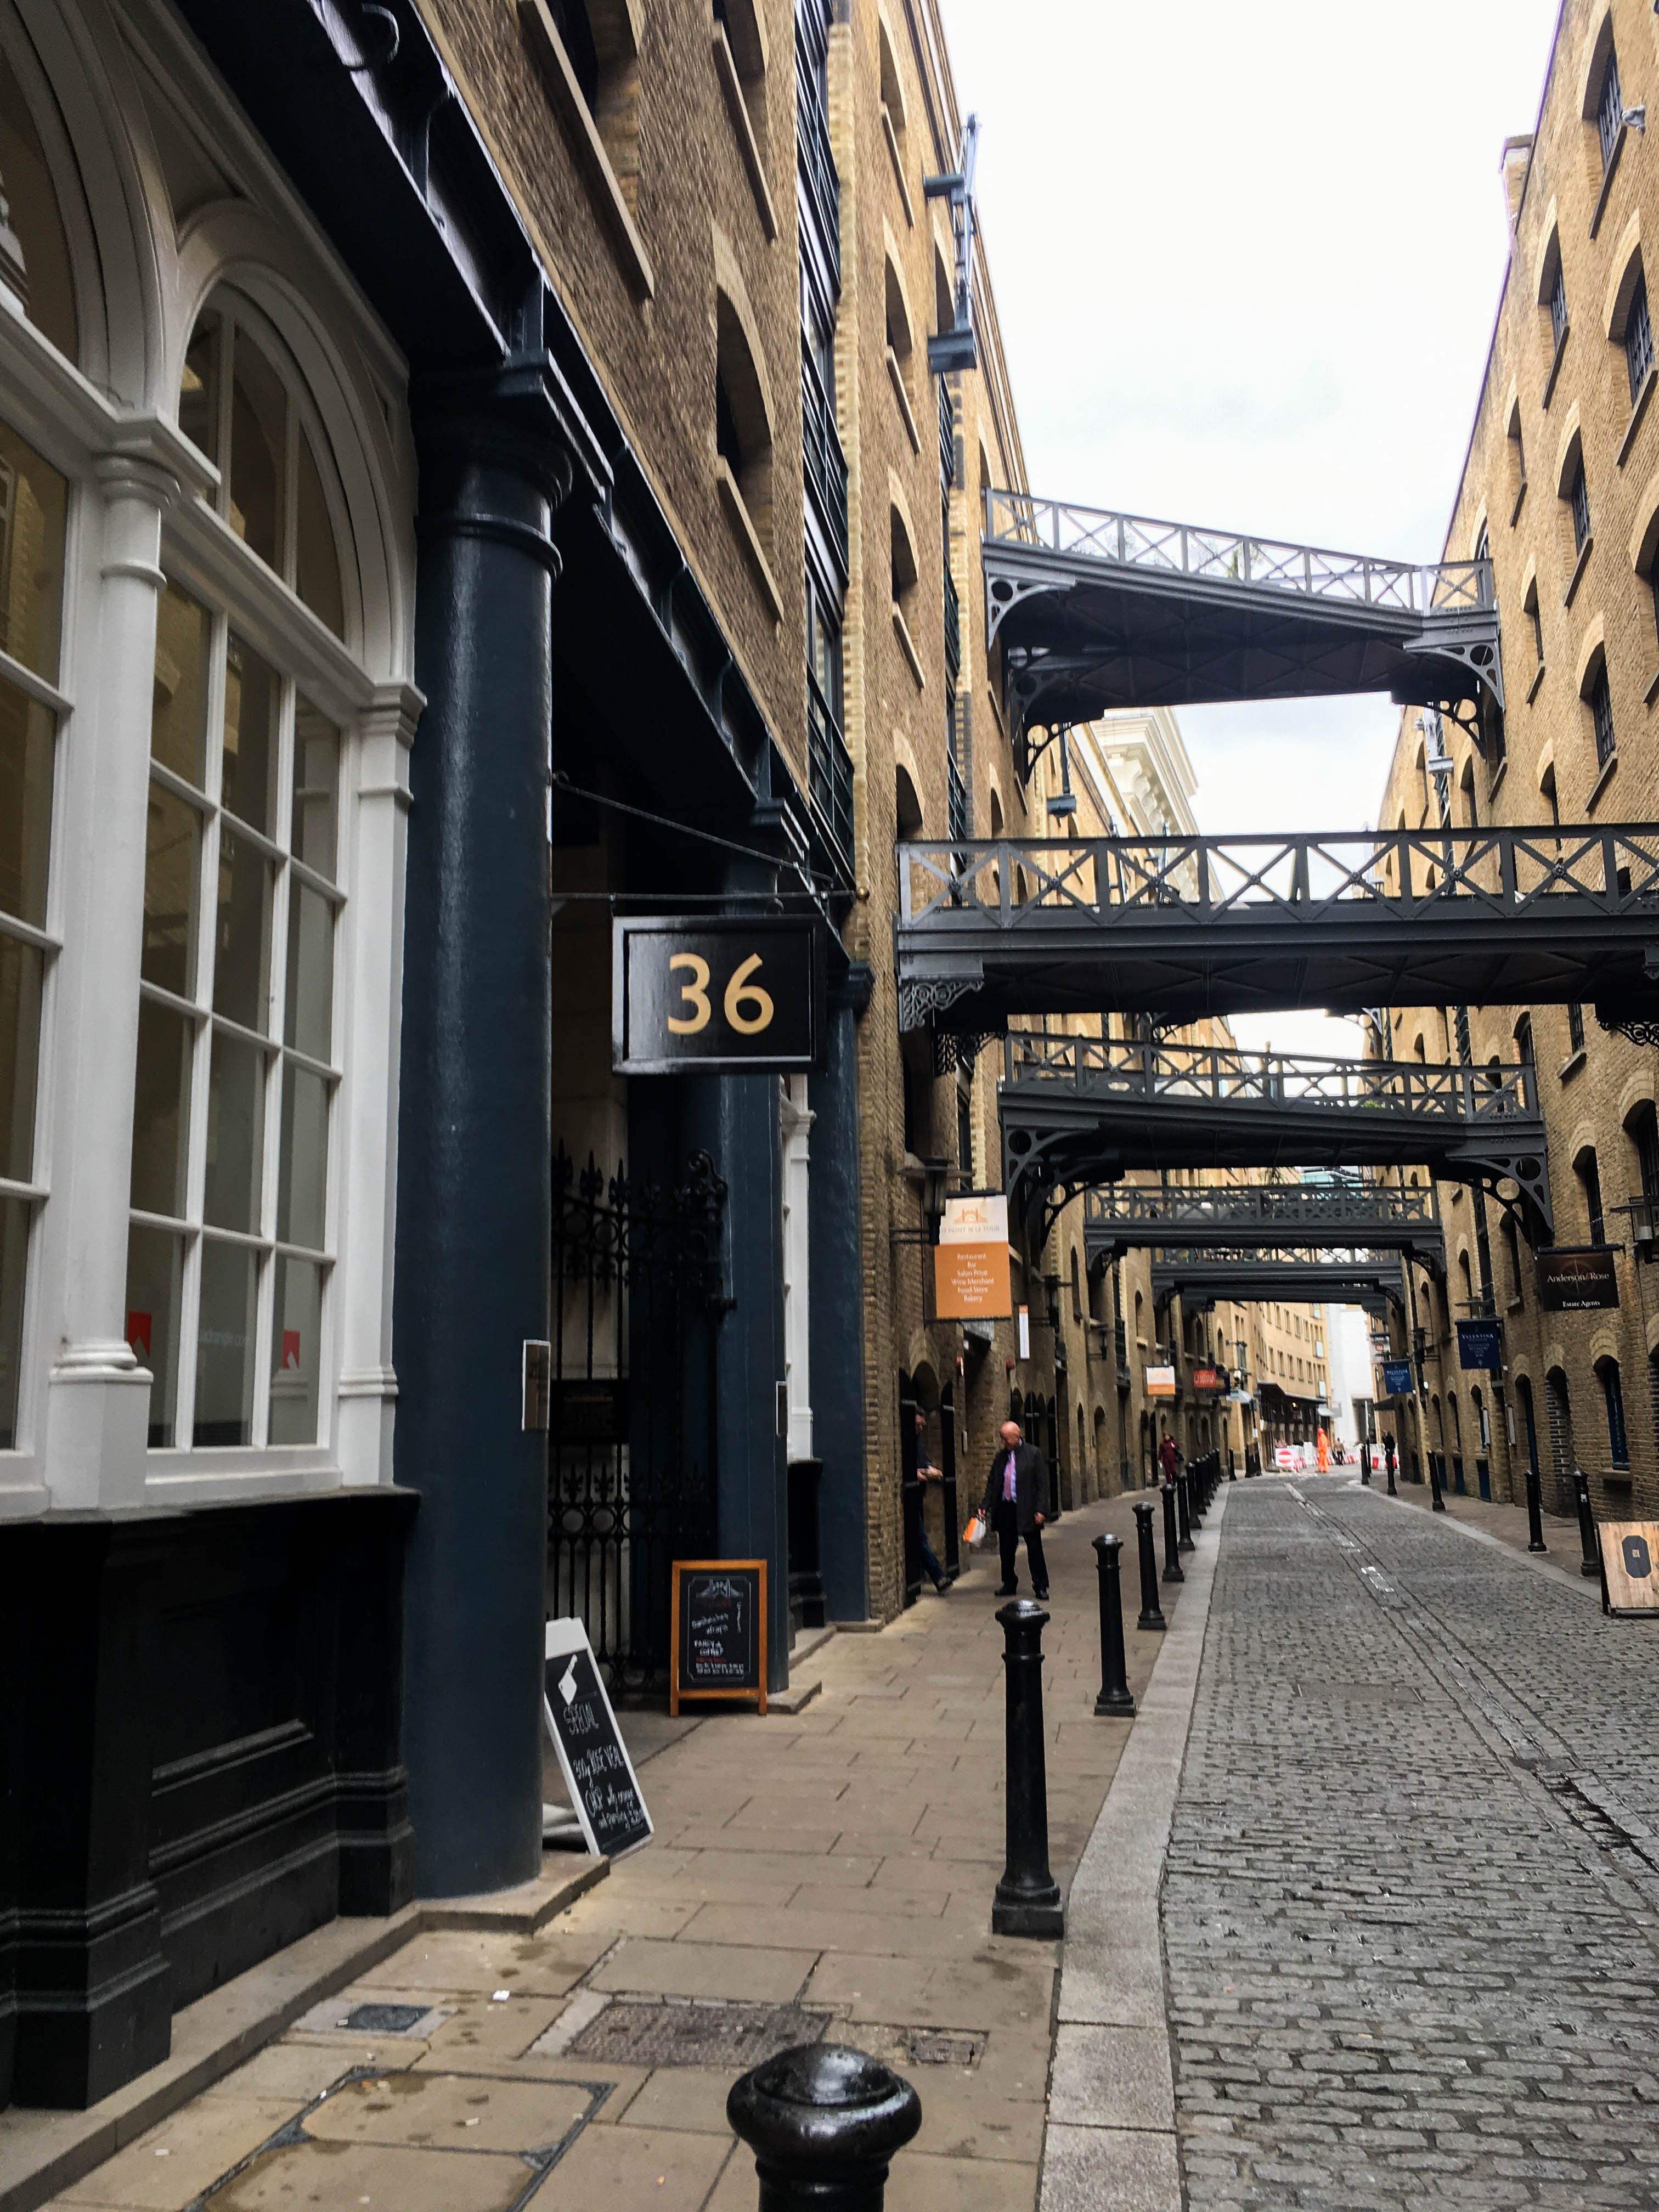 Londyn, Subiektywny przewodnik po Londynie, Gmale Goes To London, Bloger modowy w Londynie, Jak się ubrać do Londynu, Moda męska, Bustler's Wharf